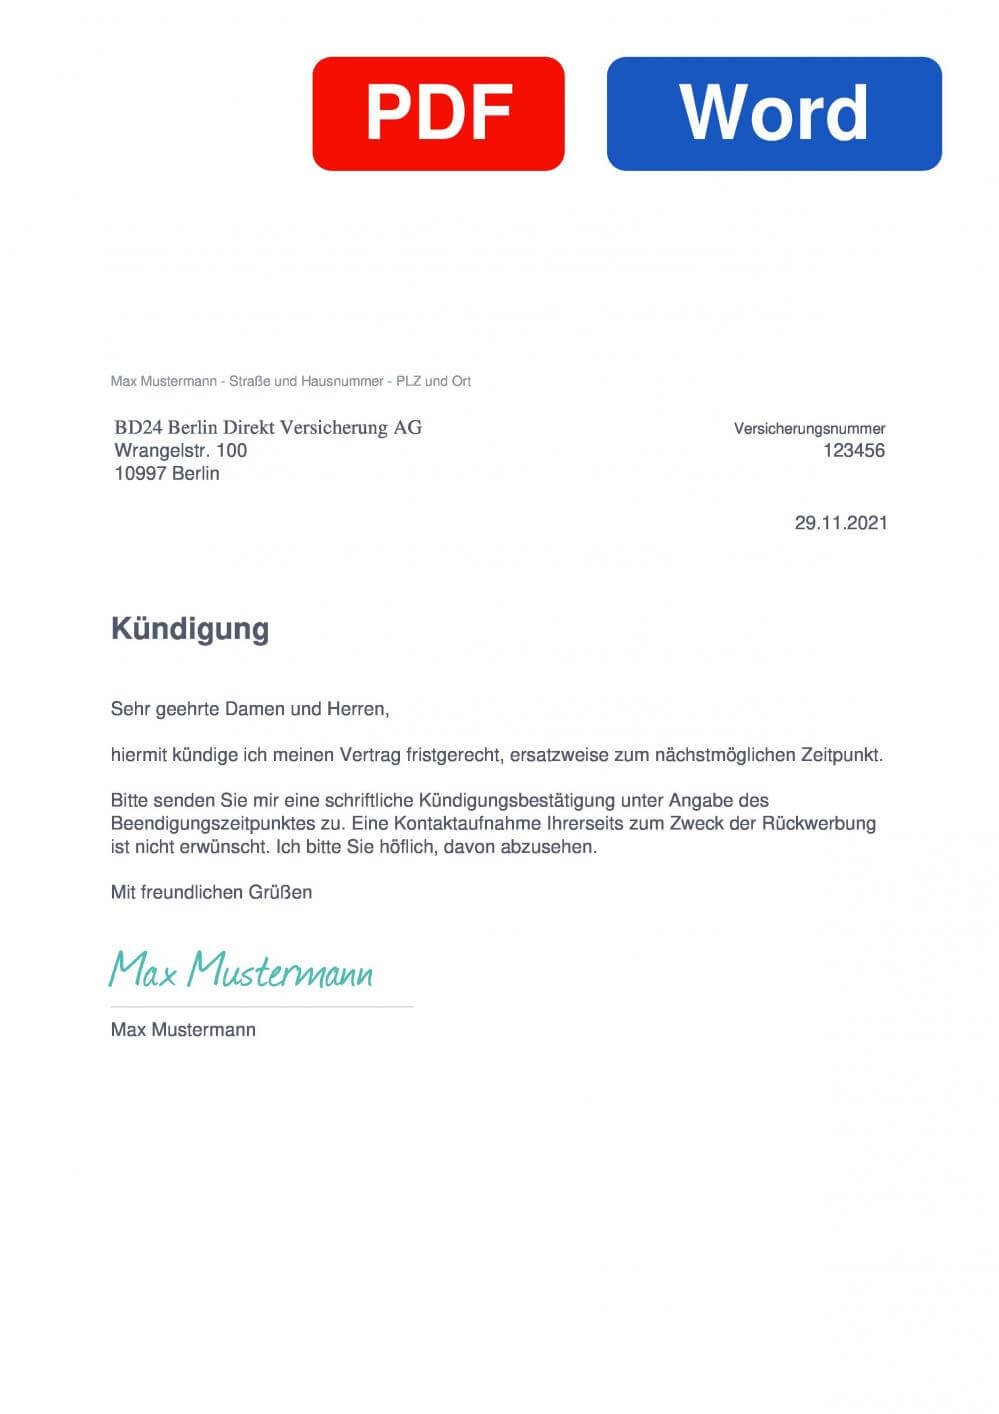 Berlin Direkt Versicherung Muster Vorlage für Kündigungsschreiben